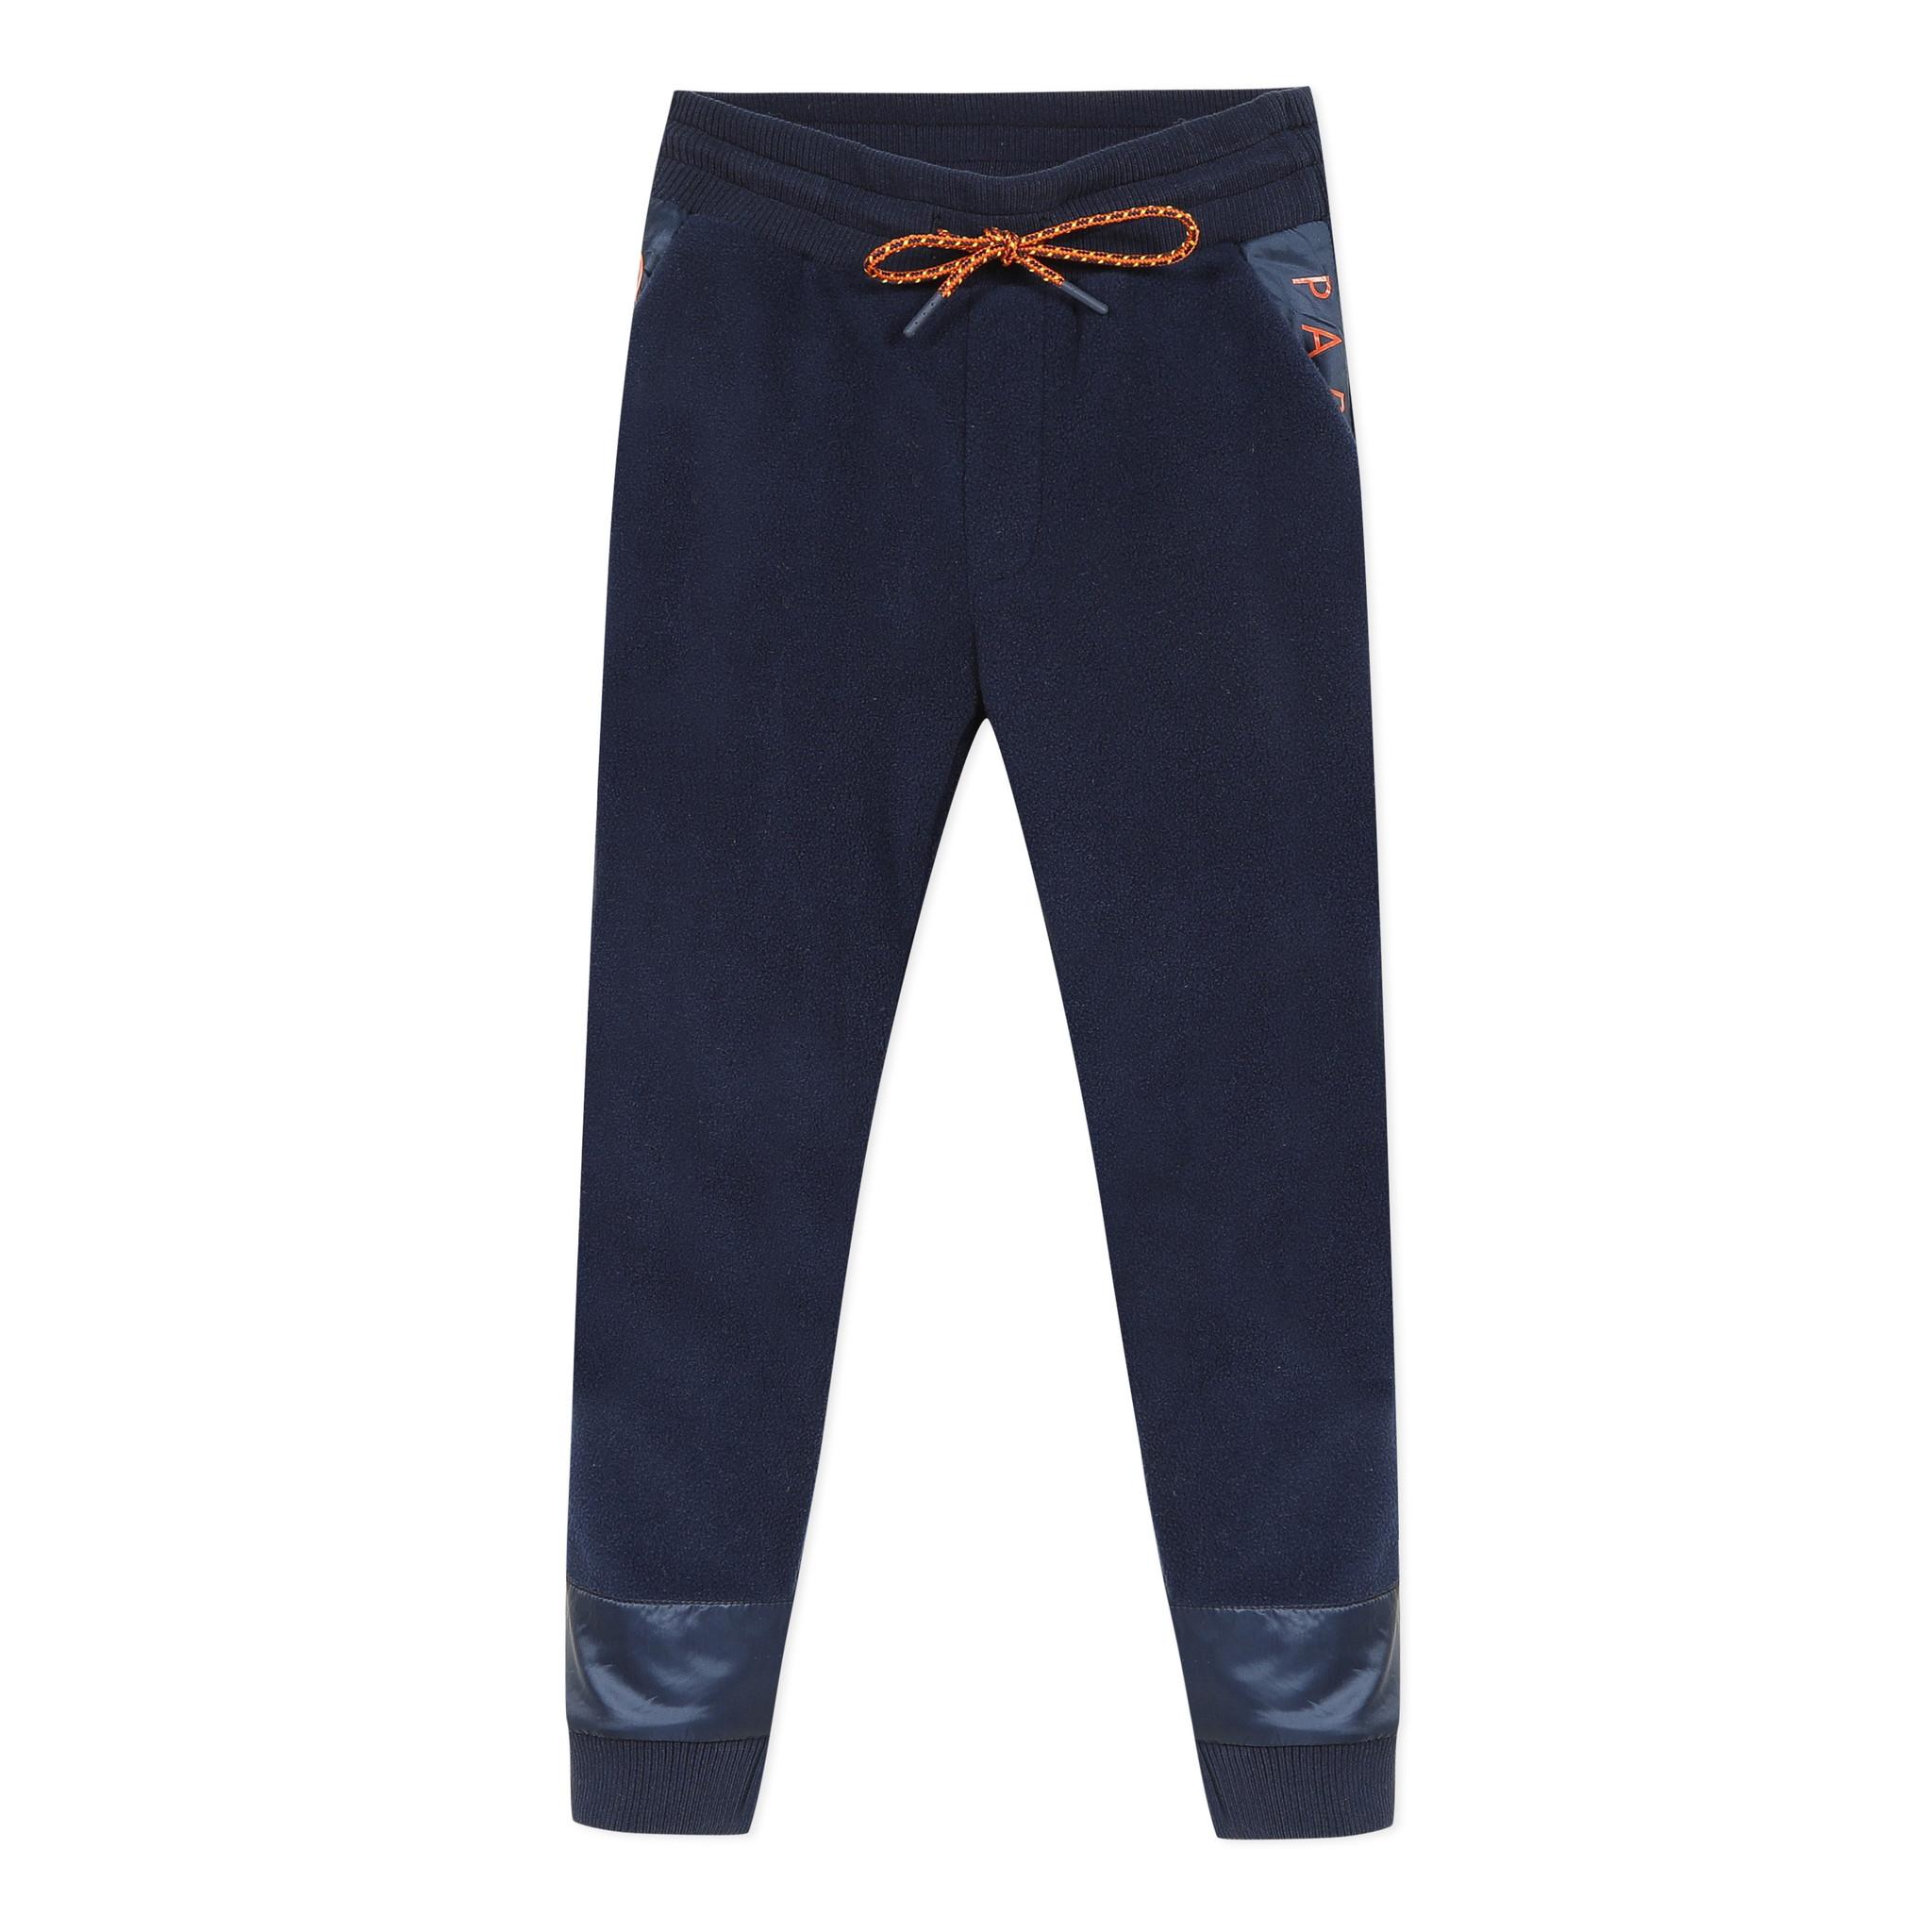 KENZO KIDS Pantalon sport-1